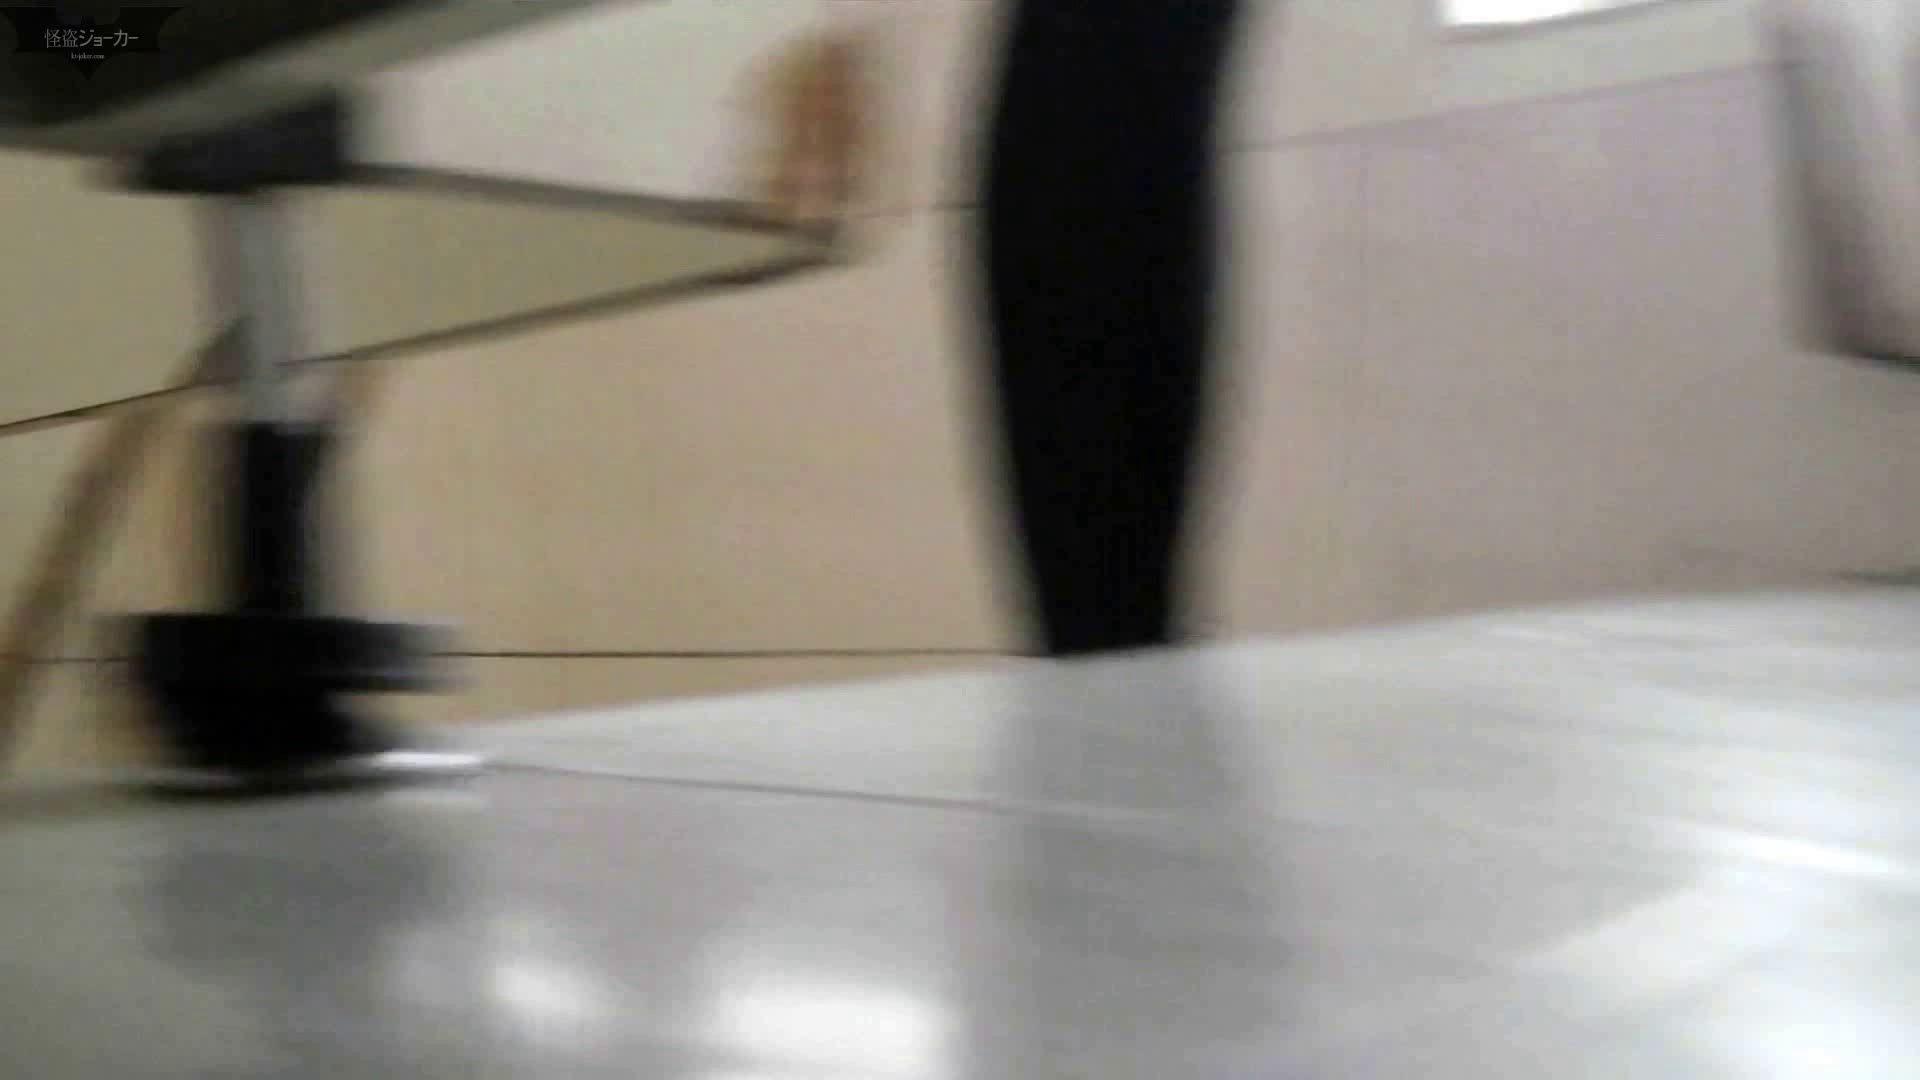 ステーション編 vol.25 必見桜庭みなみ?似 登場! 丸見え ワレメ無修正動画無料 110画像 38